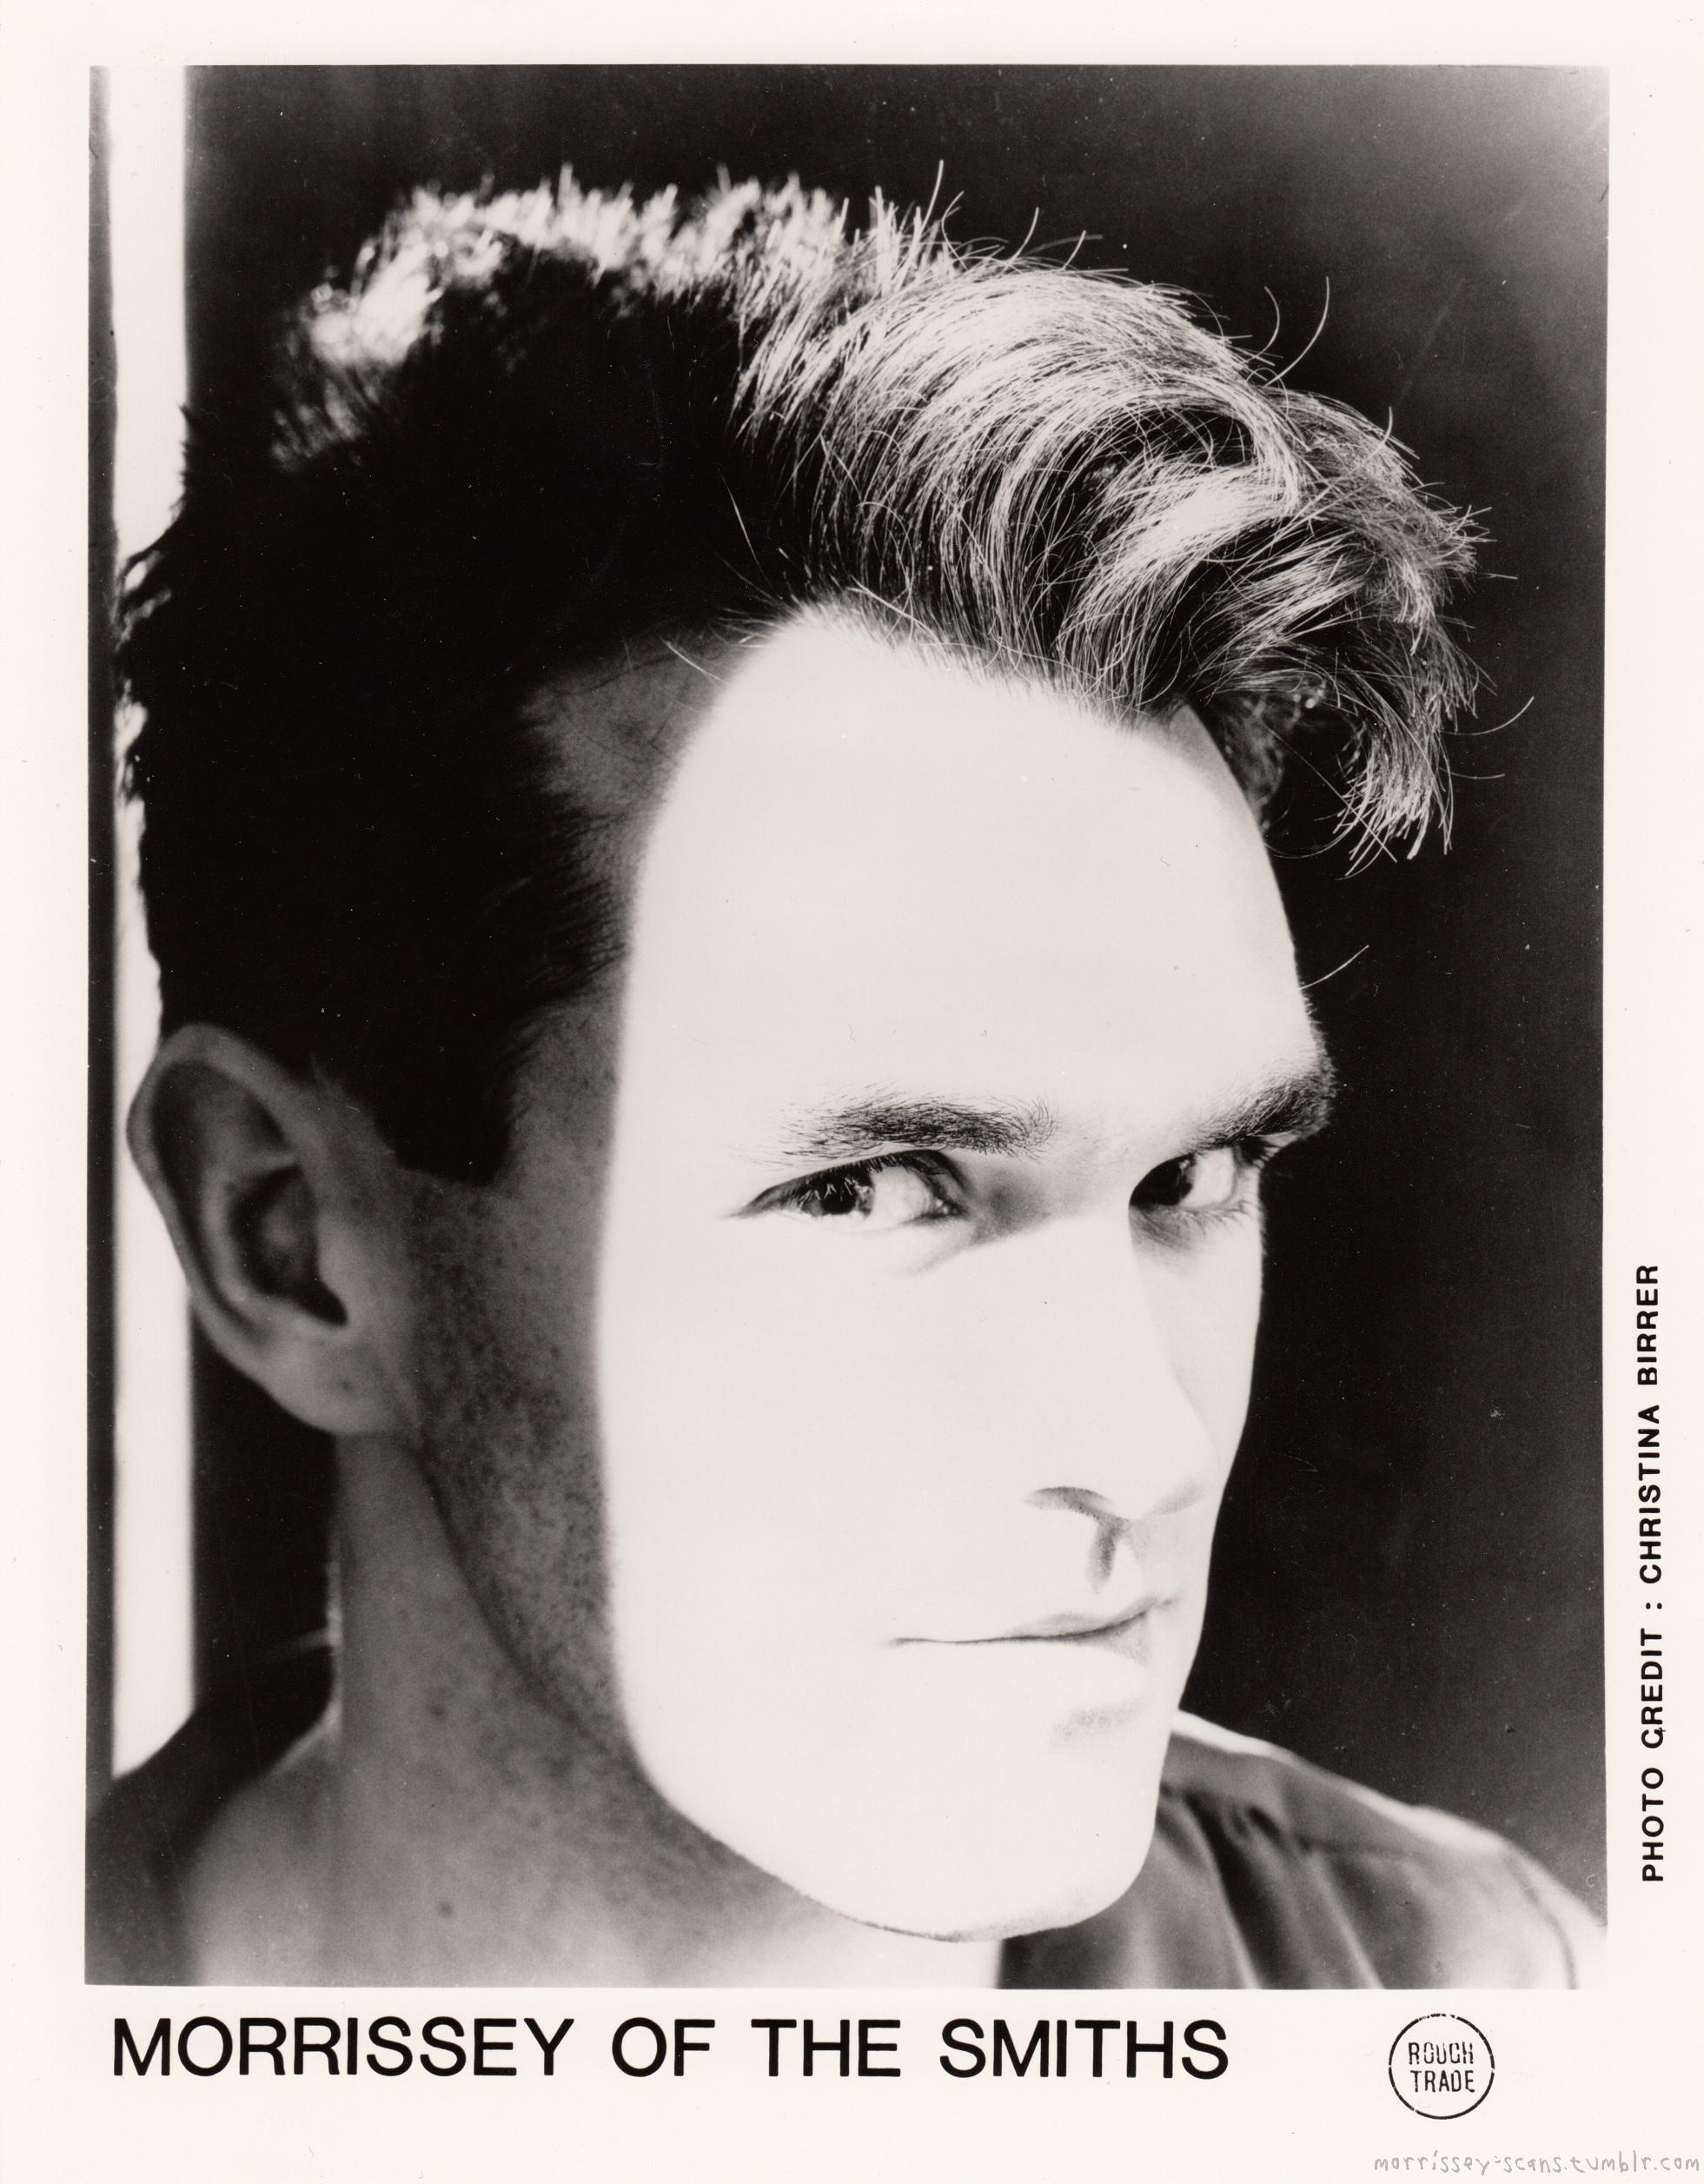 MorrisseyBirrer1985.jpg